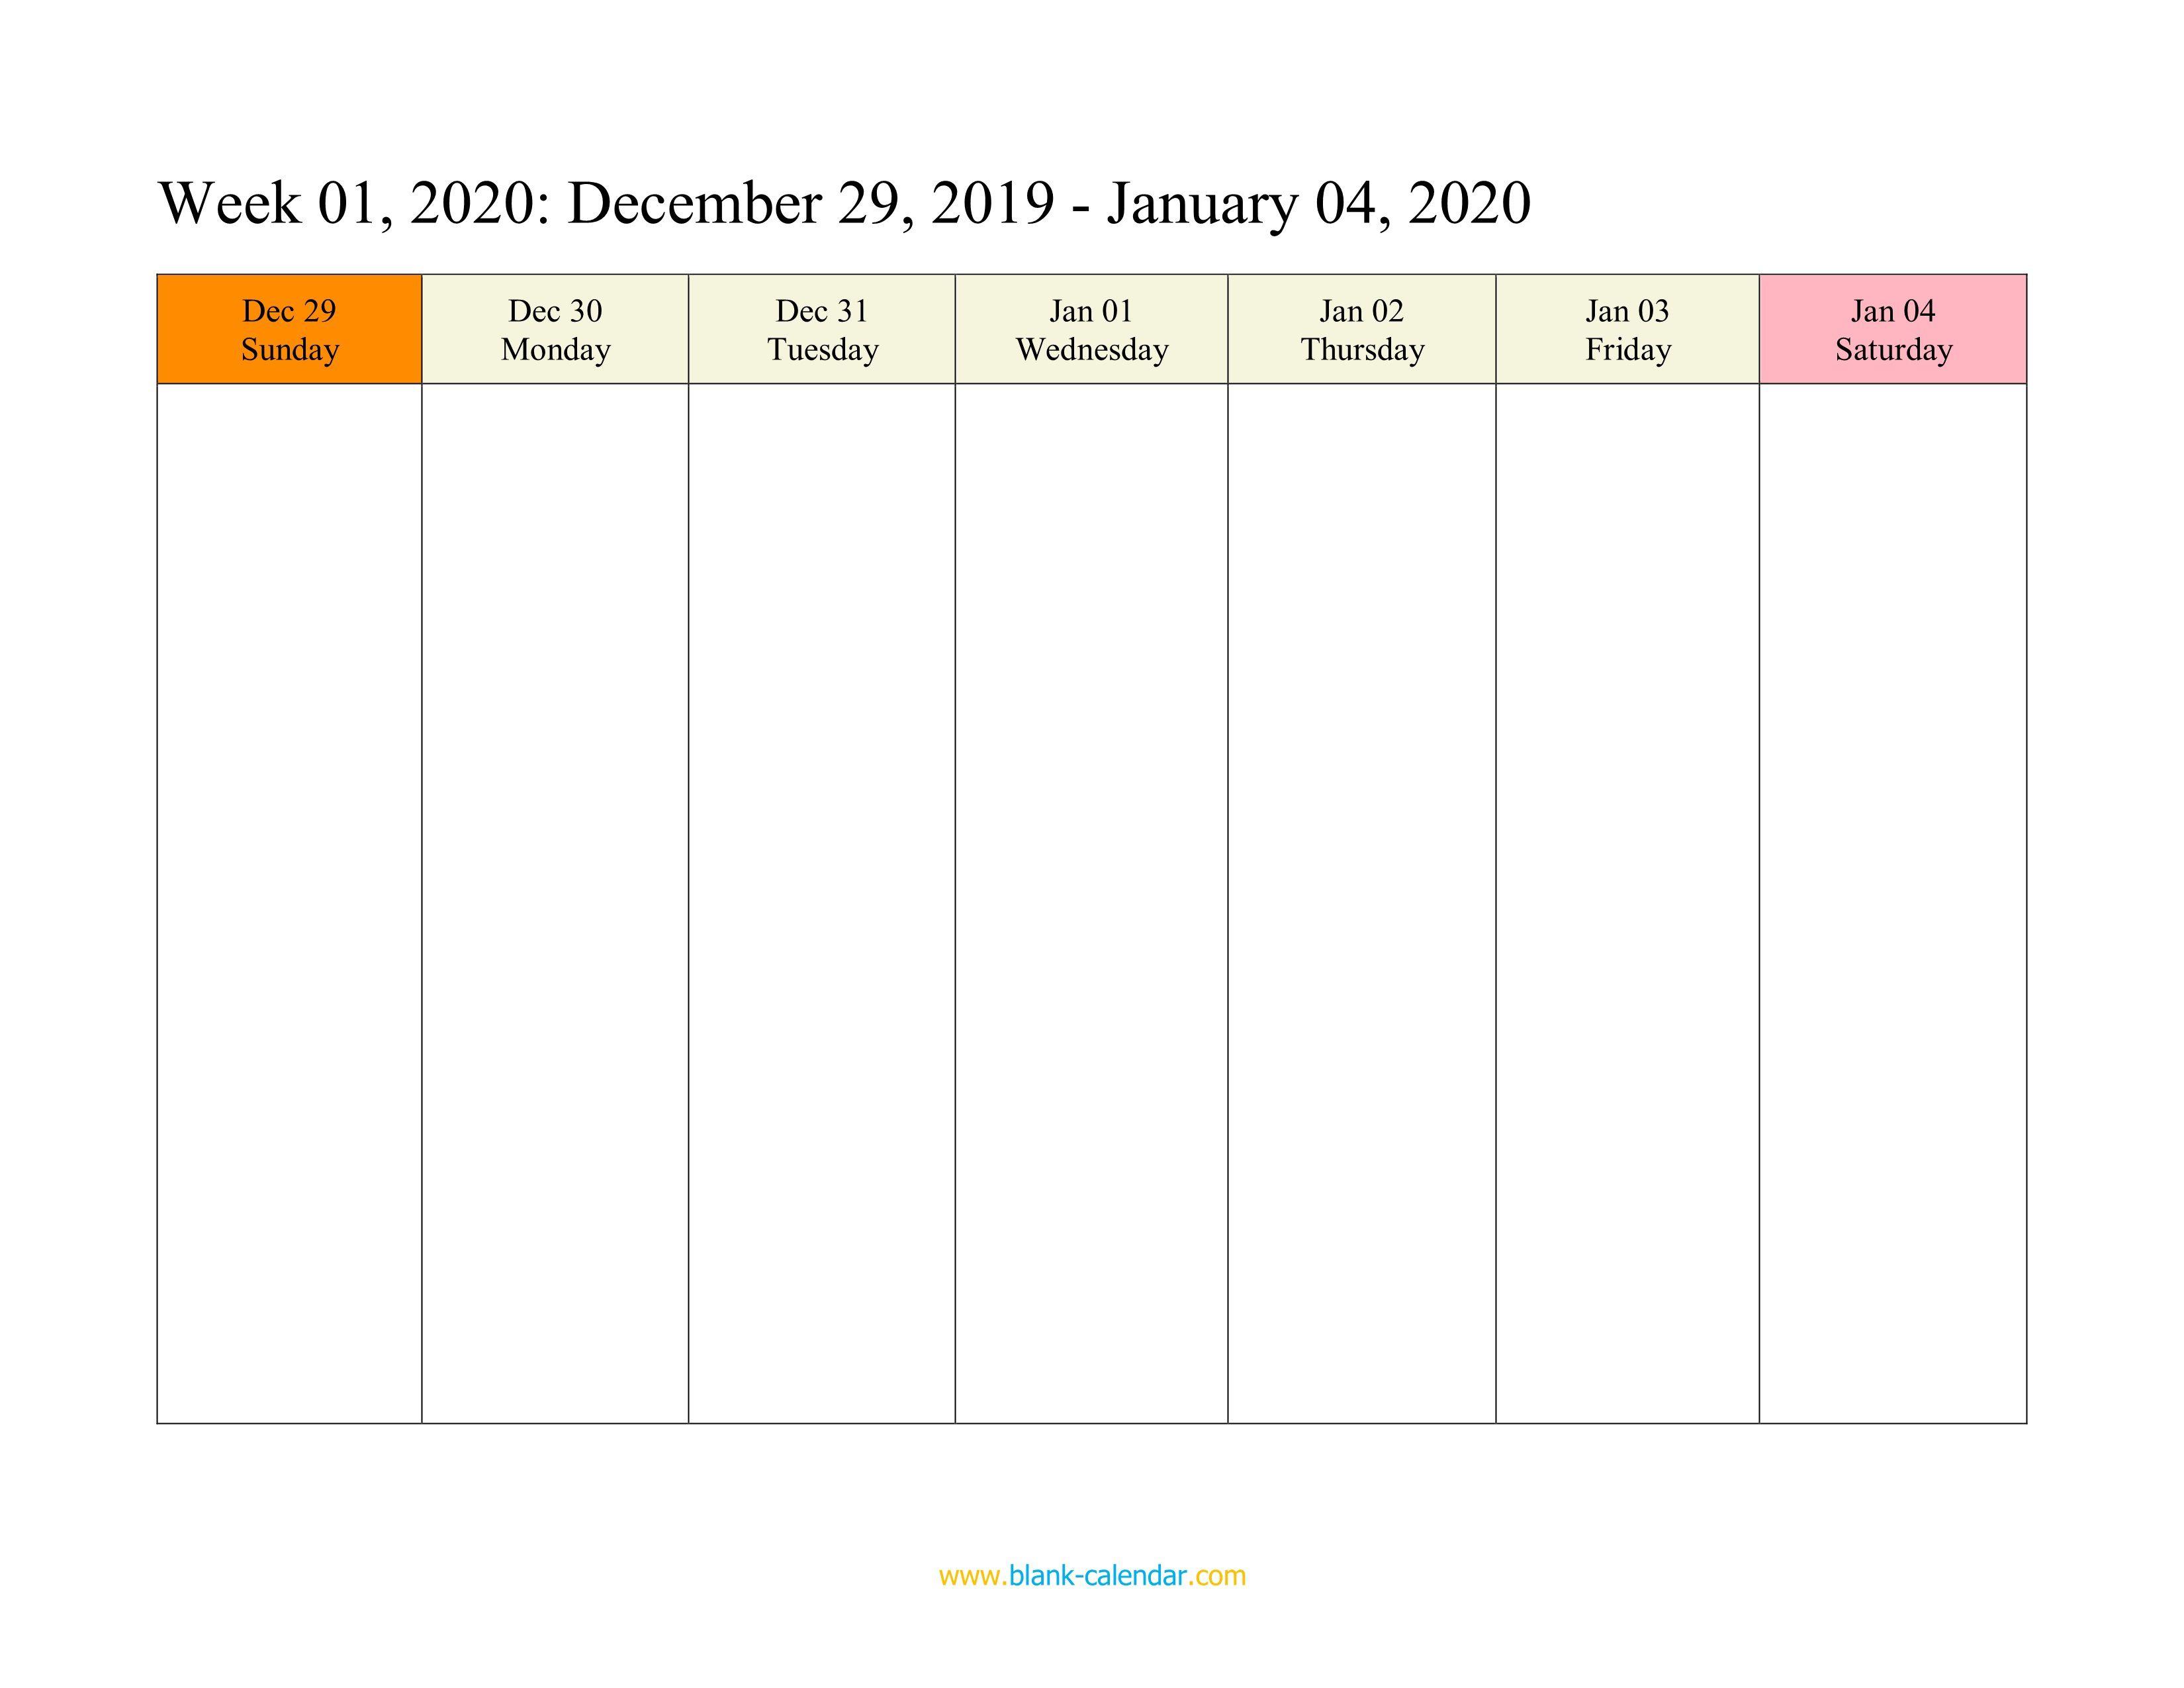 006 Unusual Weekly Calendar Template 2020 Design  Printable Blank FreeFull